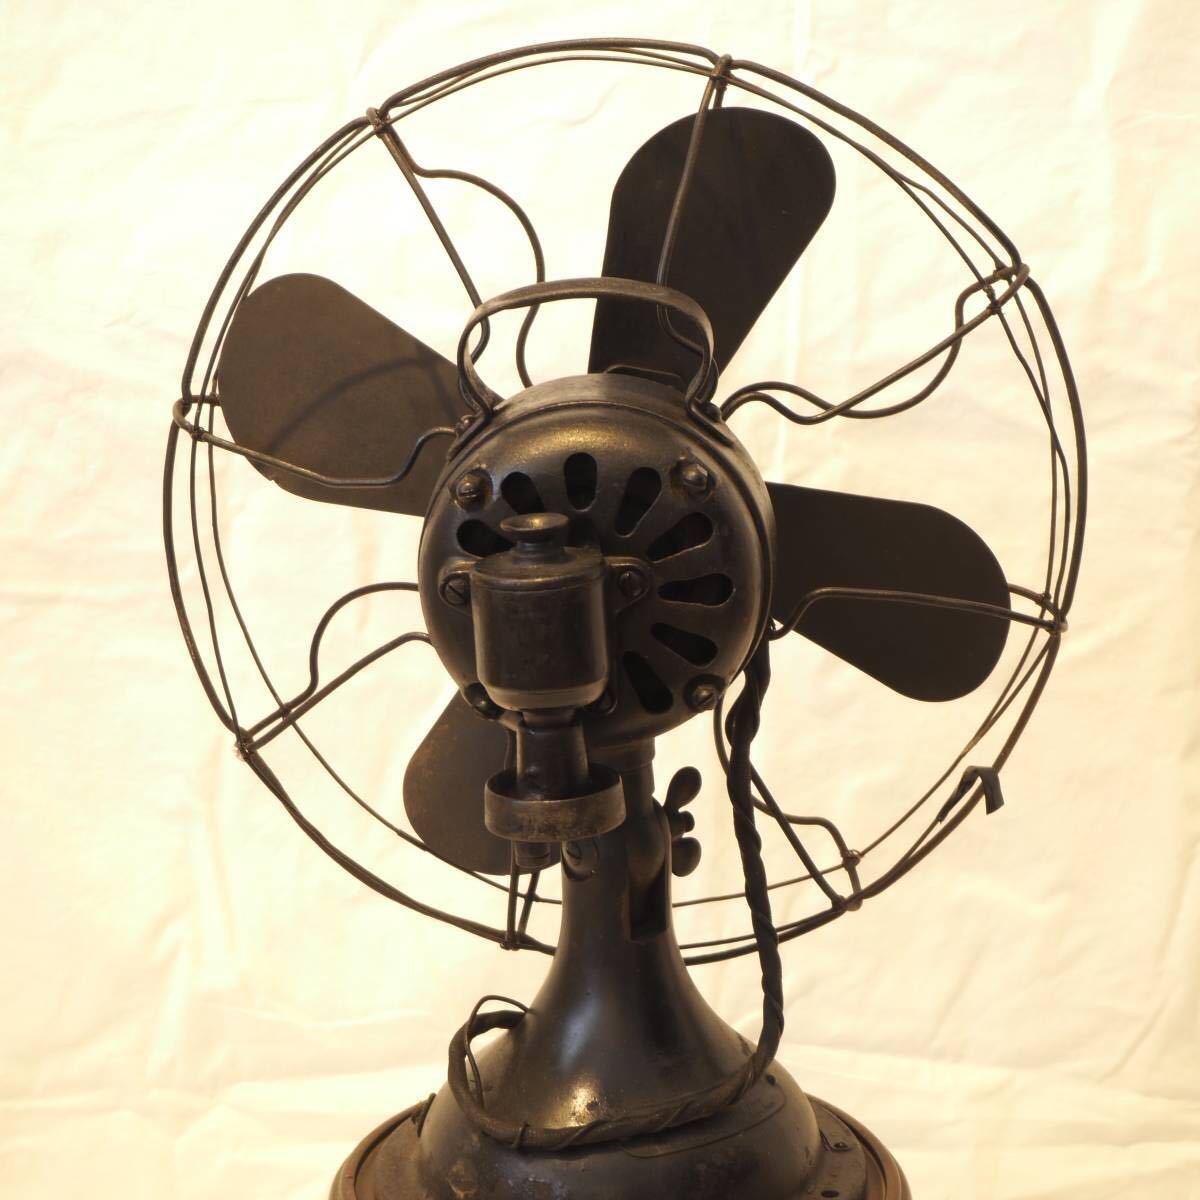 オブジェ等に!貴重な芝浦製 レトロな扇風機 ビンテージ品!即決送料無料!_画像2